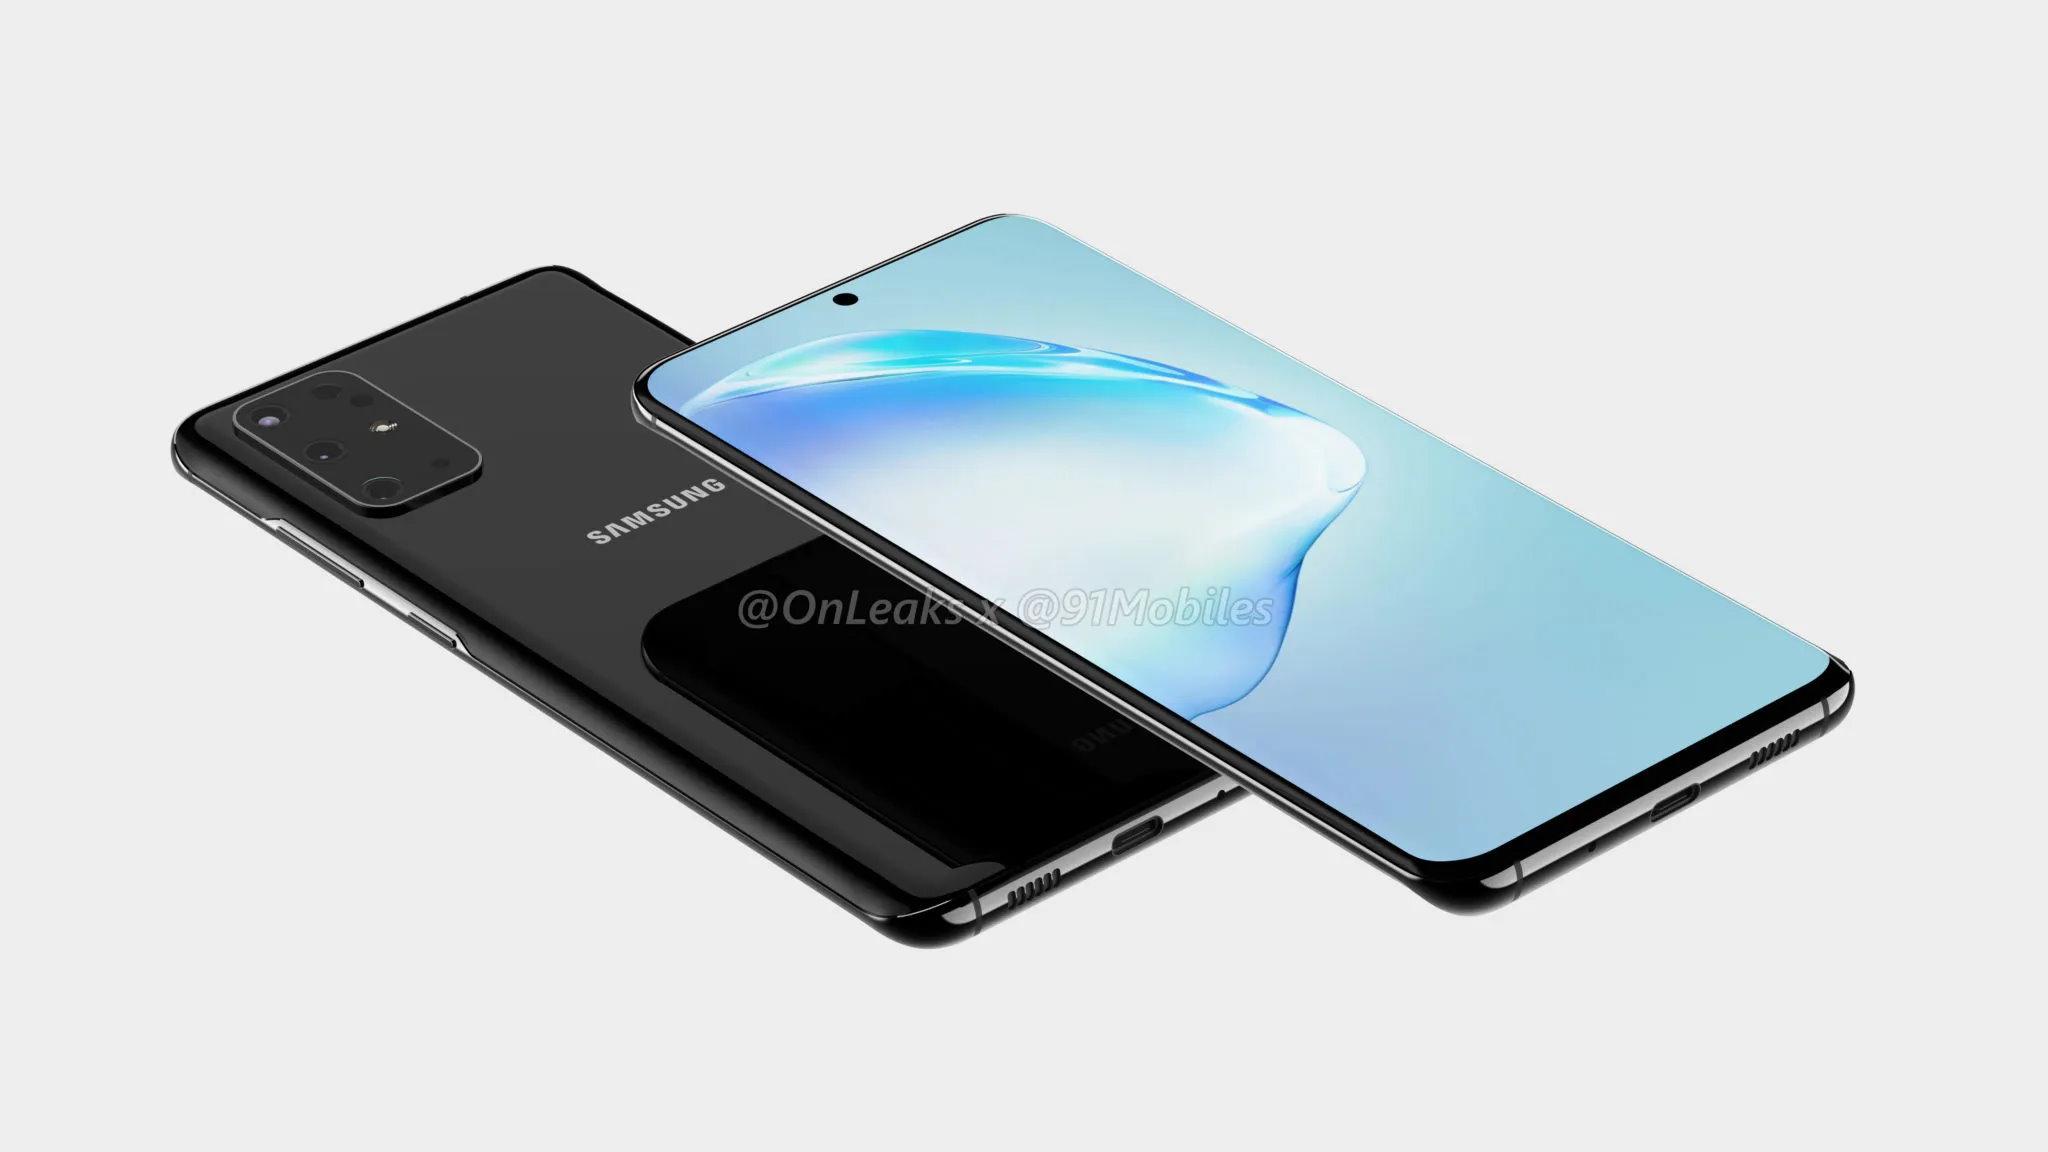 Samsung Galaxy S11 : il aurait bien un capteur 108 MP, comme le smartphone à clapet